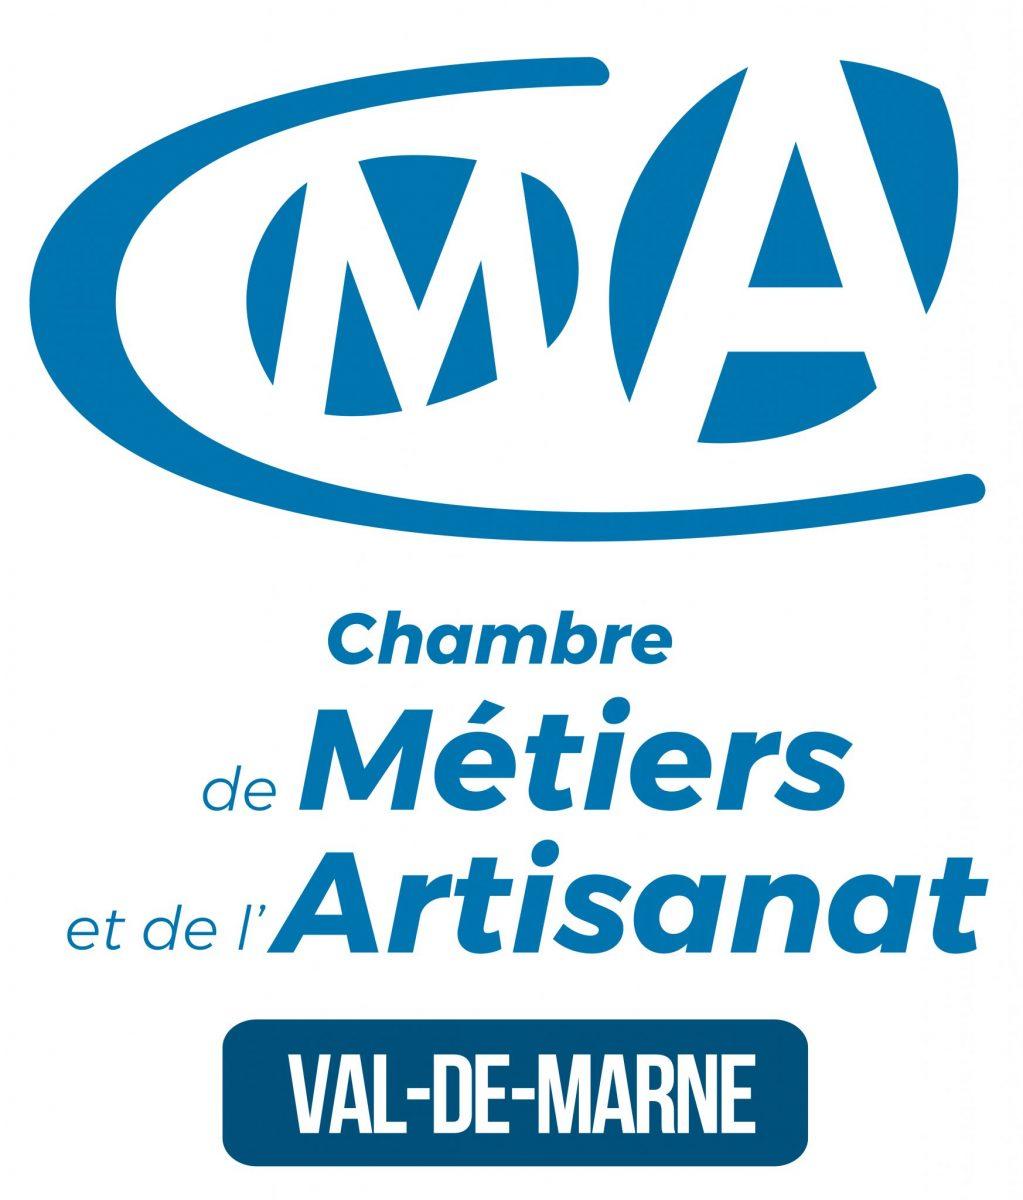 Chambre Métiers Artisanat Val de Marne